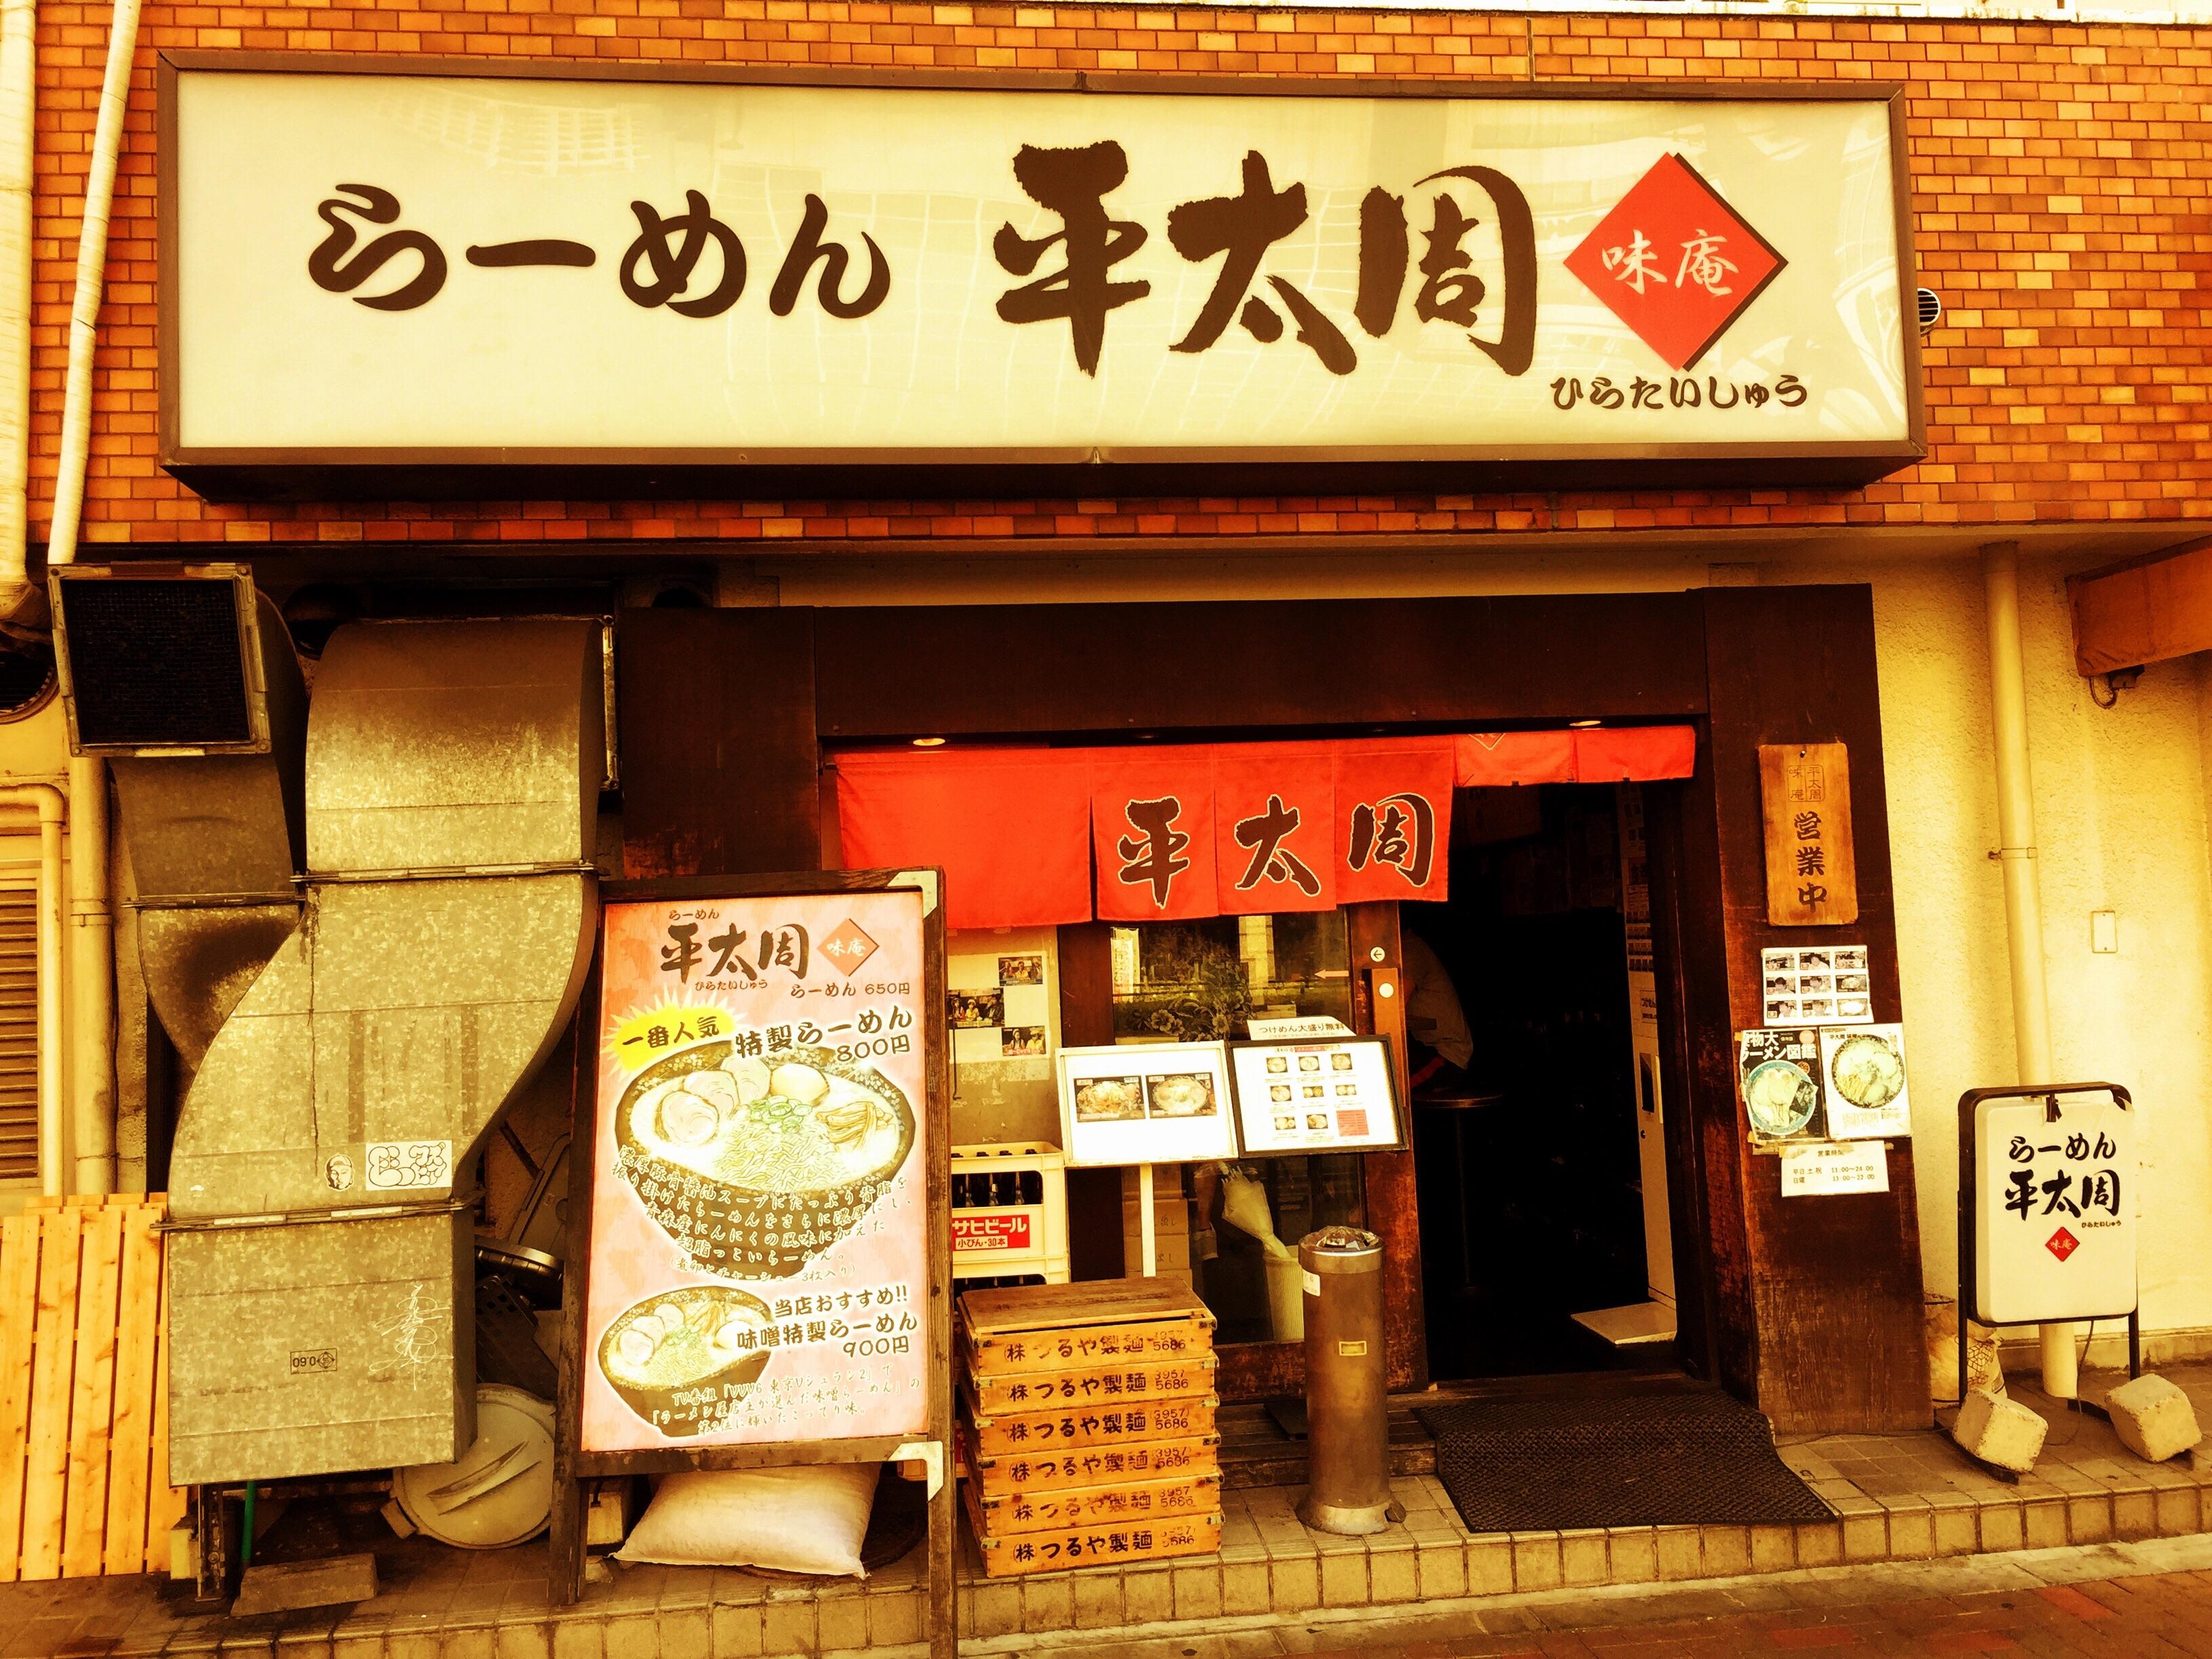 f:id:mojiru:20170910201549j:plain